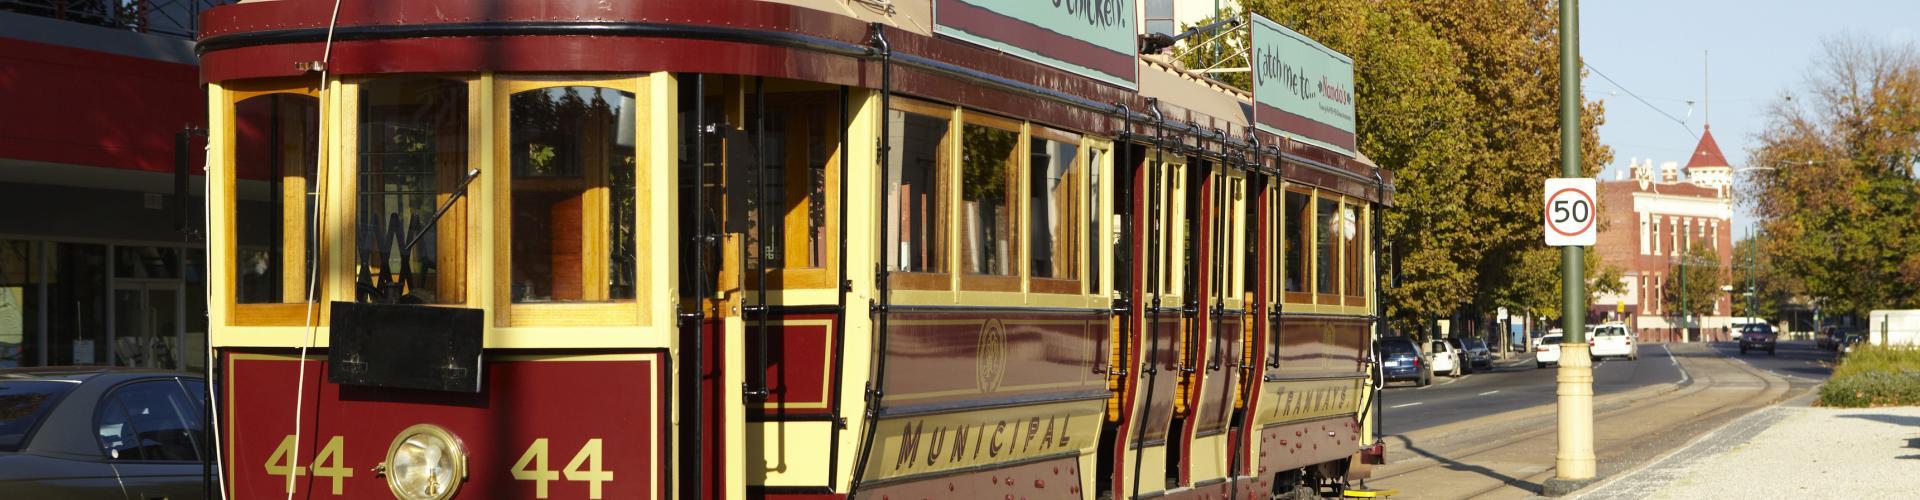 BIG4 Bendigo Park Lane Holiday Park - Things to Do - Vintage Taking Trams